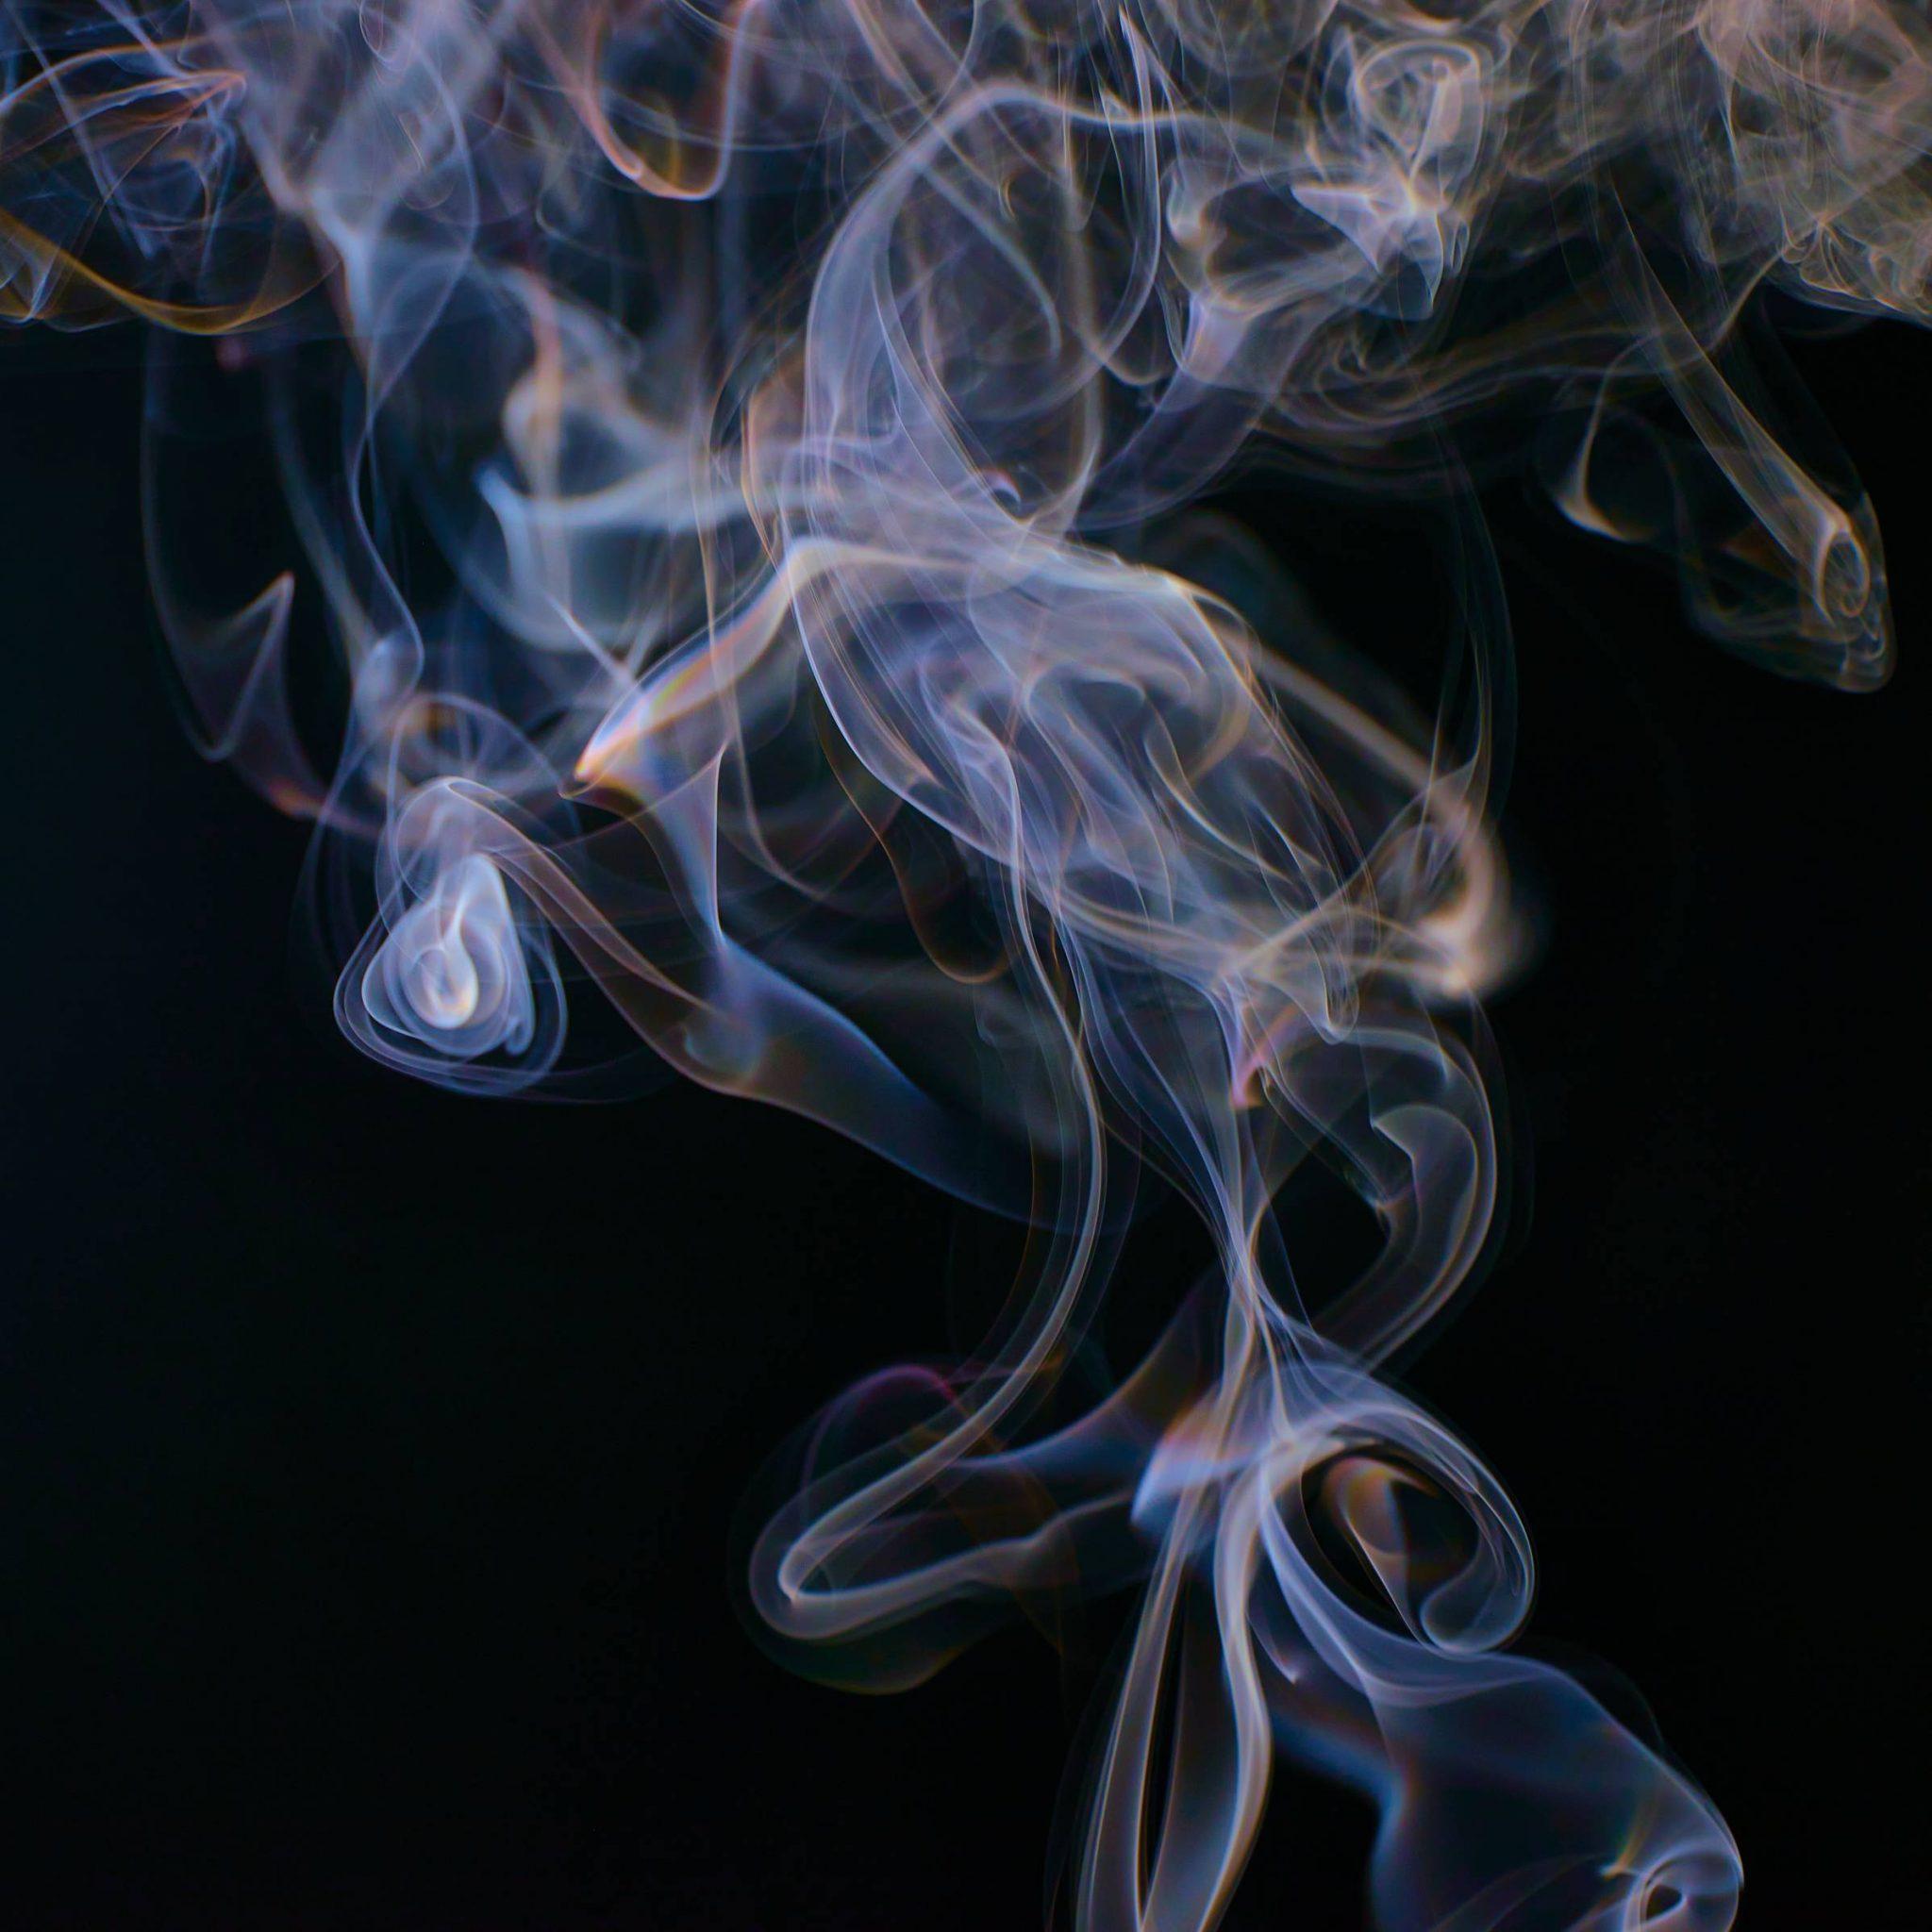 Arte: Nuovo lavoro del fotografo Hendrik Jan Jager: fumo colorato @Gallery CommunicationinArt